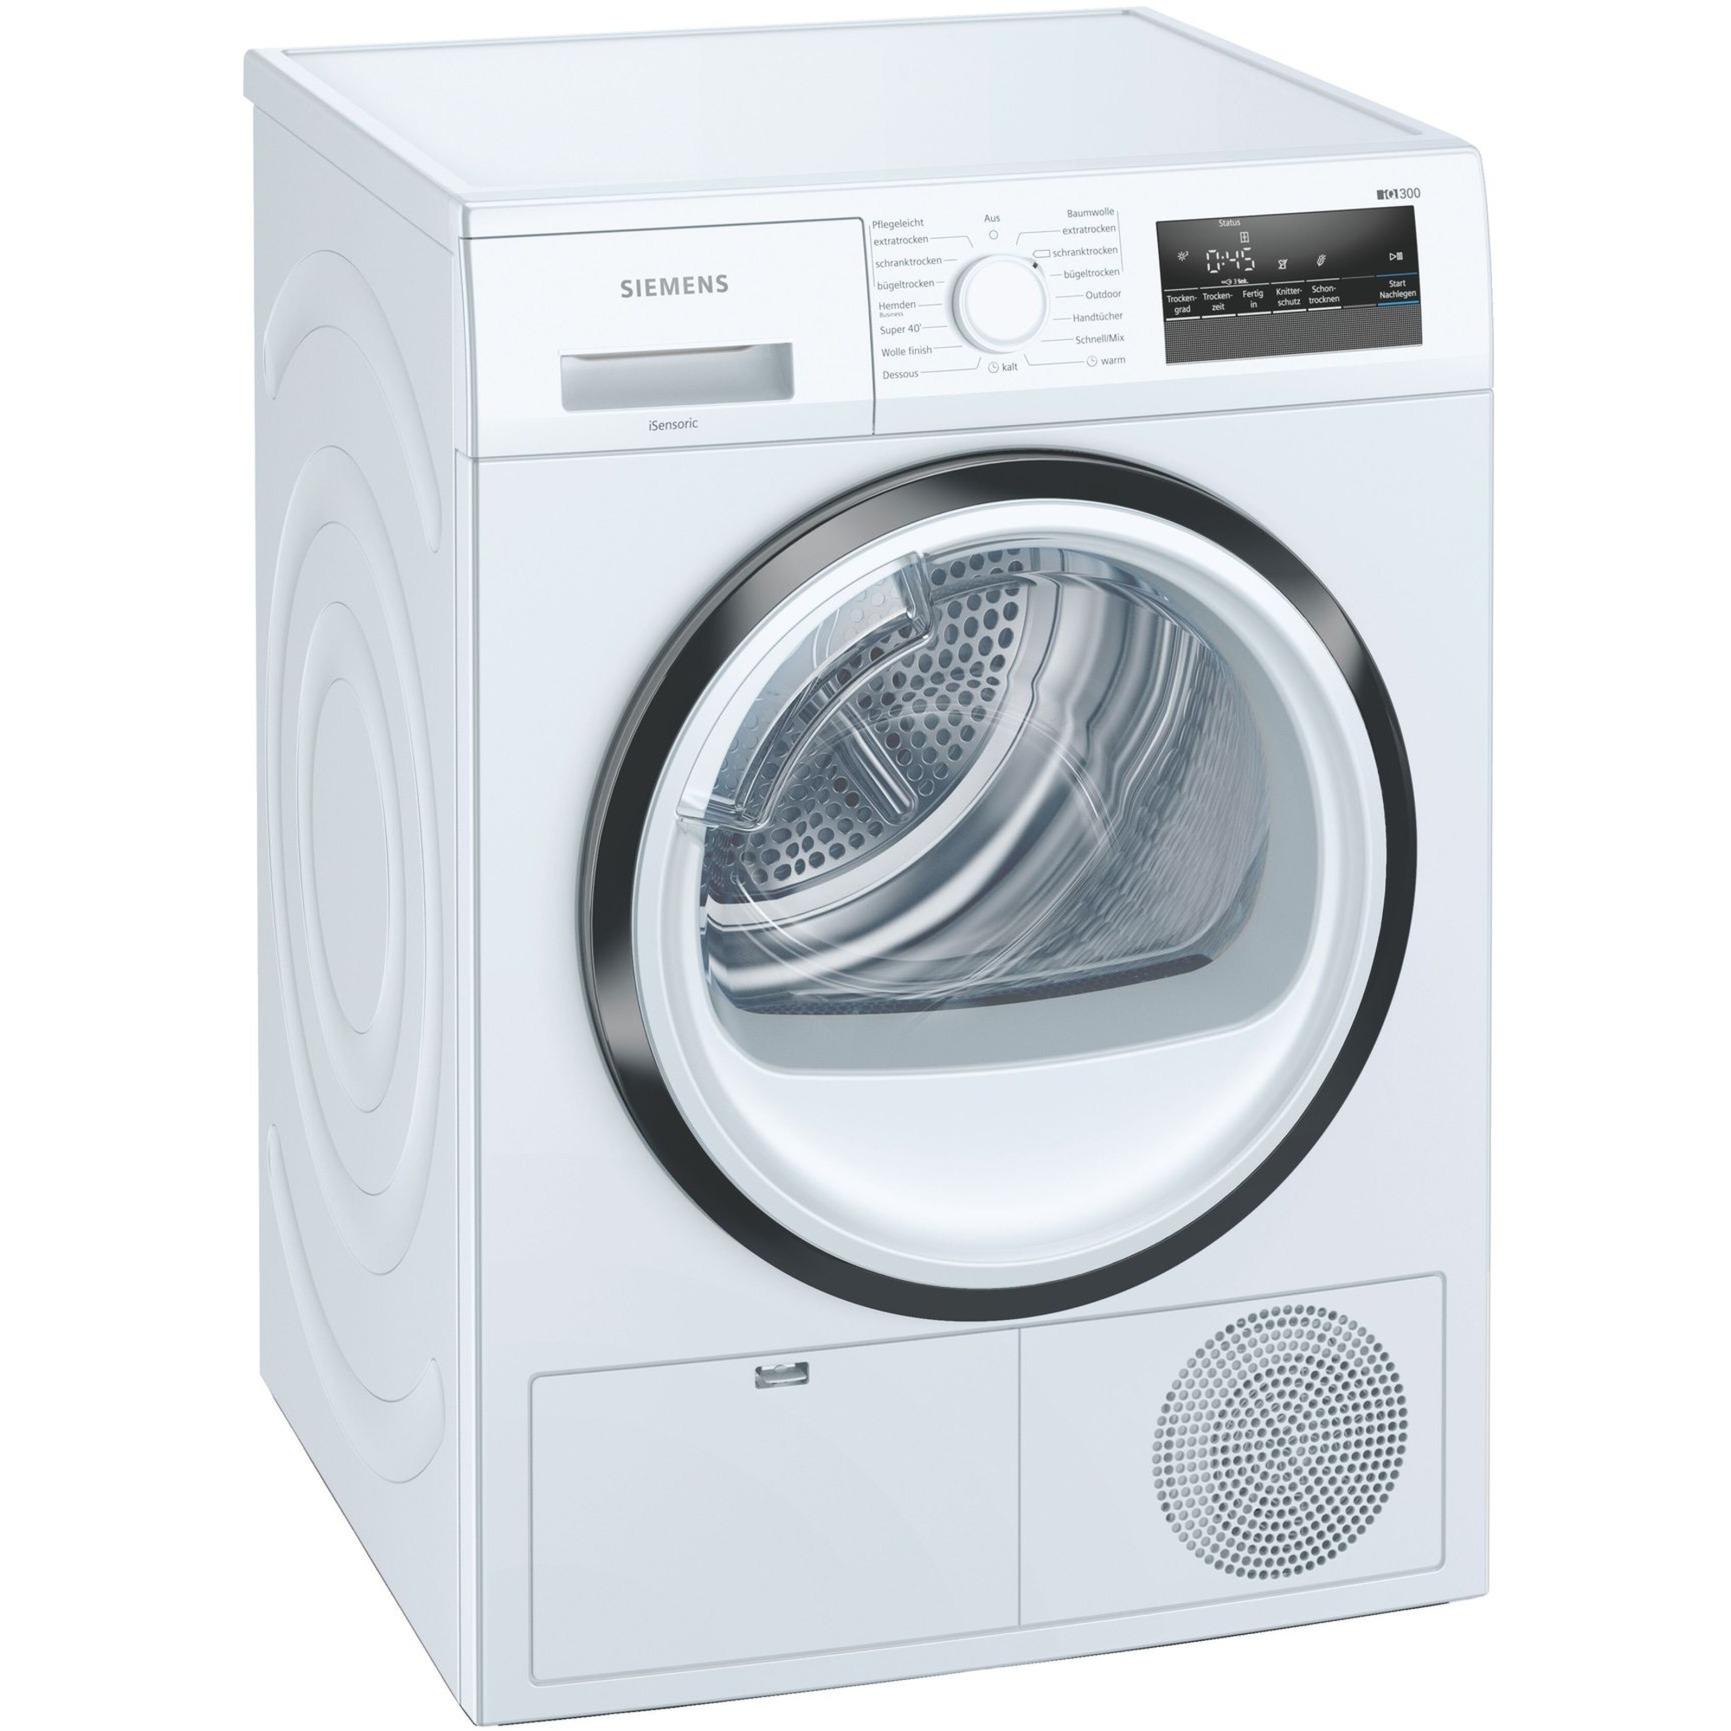 Siemens WT45HVA1 iQ300, Wärmepumpen-Kondensationstrockner